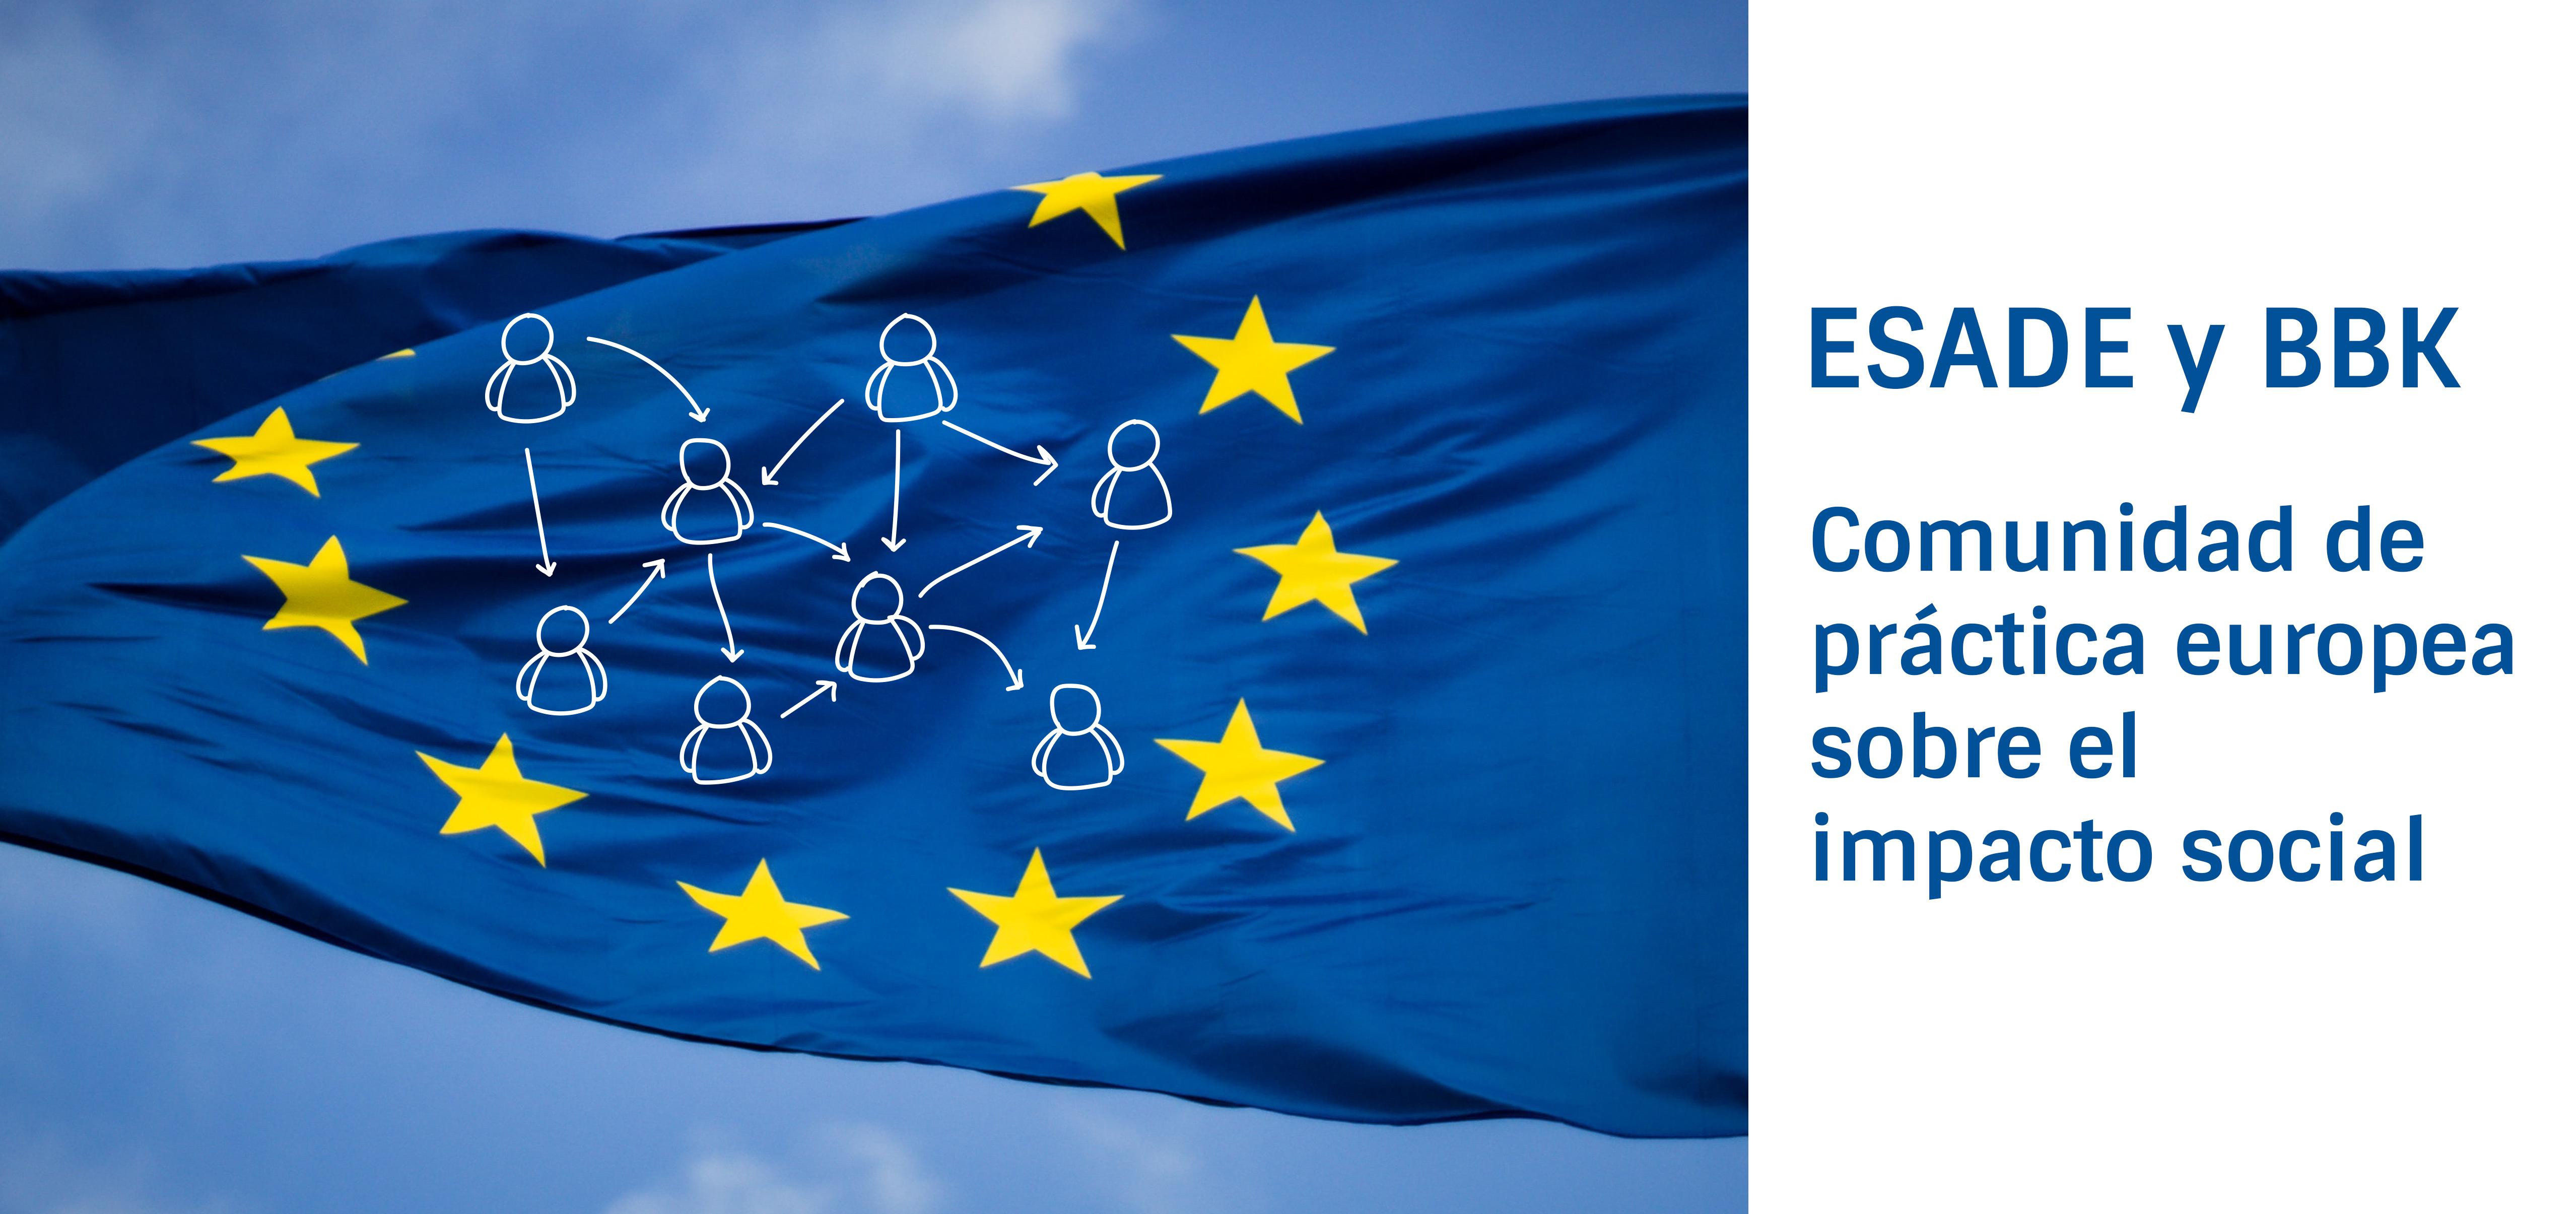 Unimos fuerzas con más entidades europeas